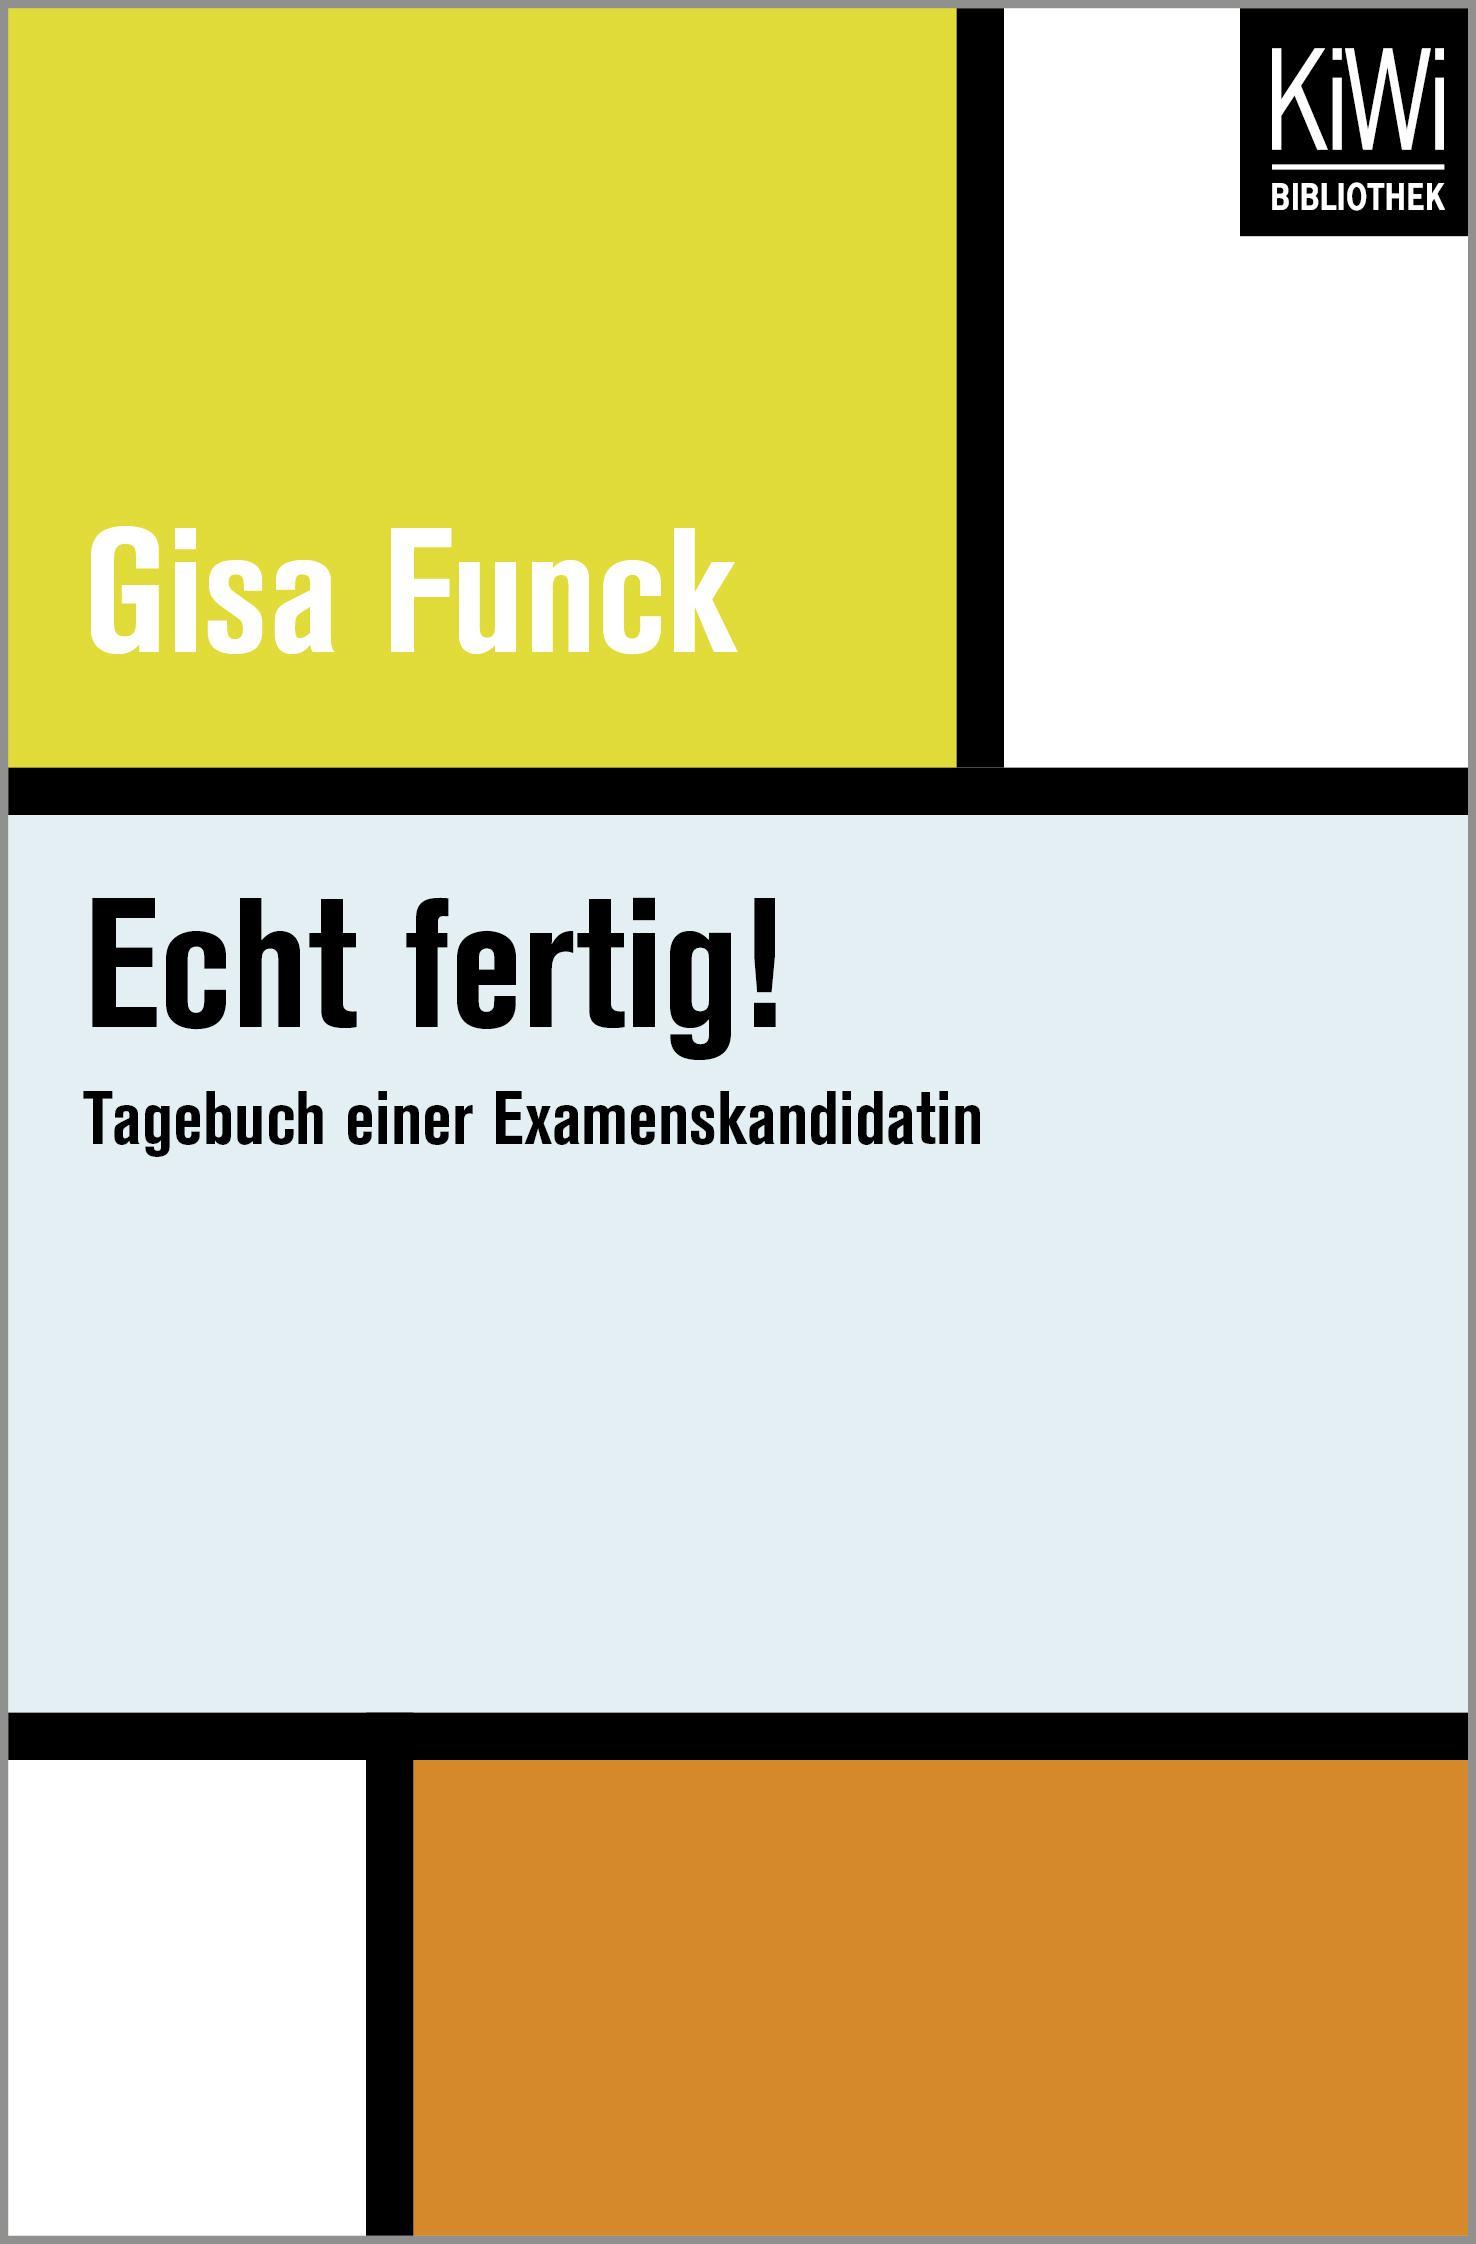 Echt fertig!, Gisa Funck